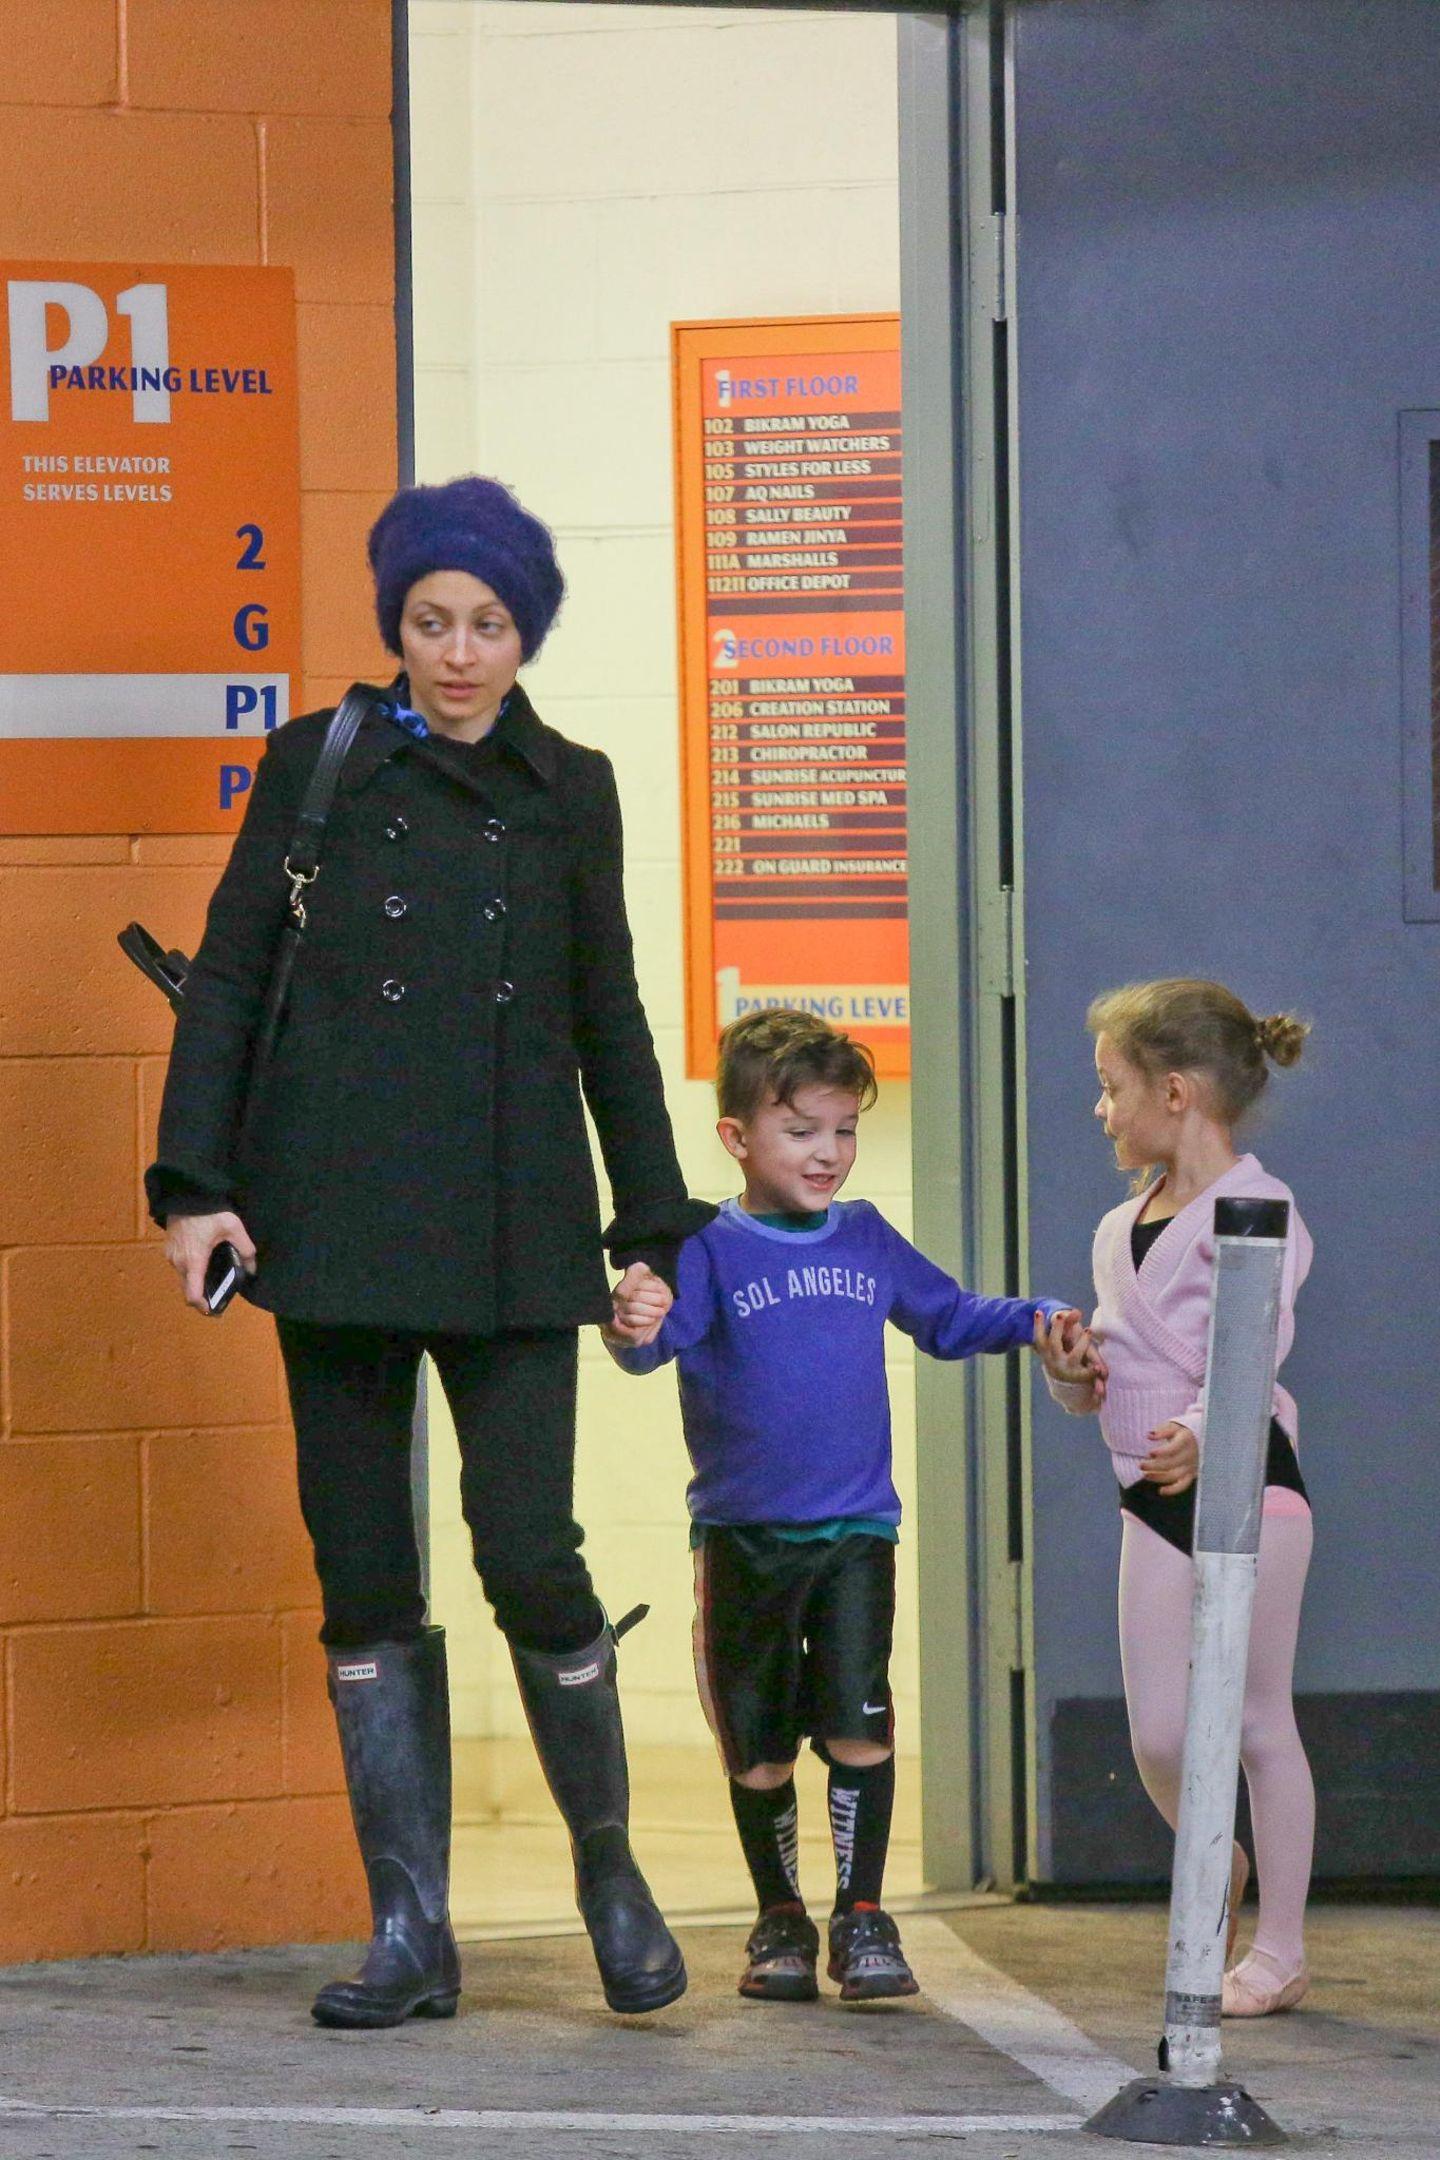 6. Februar 2014: Nicole Richie trägt Gummistiefel, als sie ihre Kinder Harlow und Sparrow vom Sport abholt.